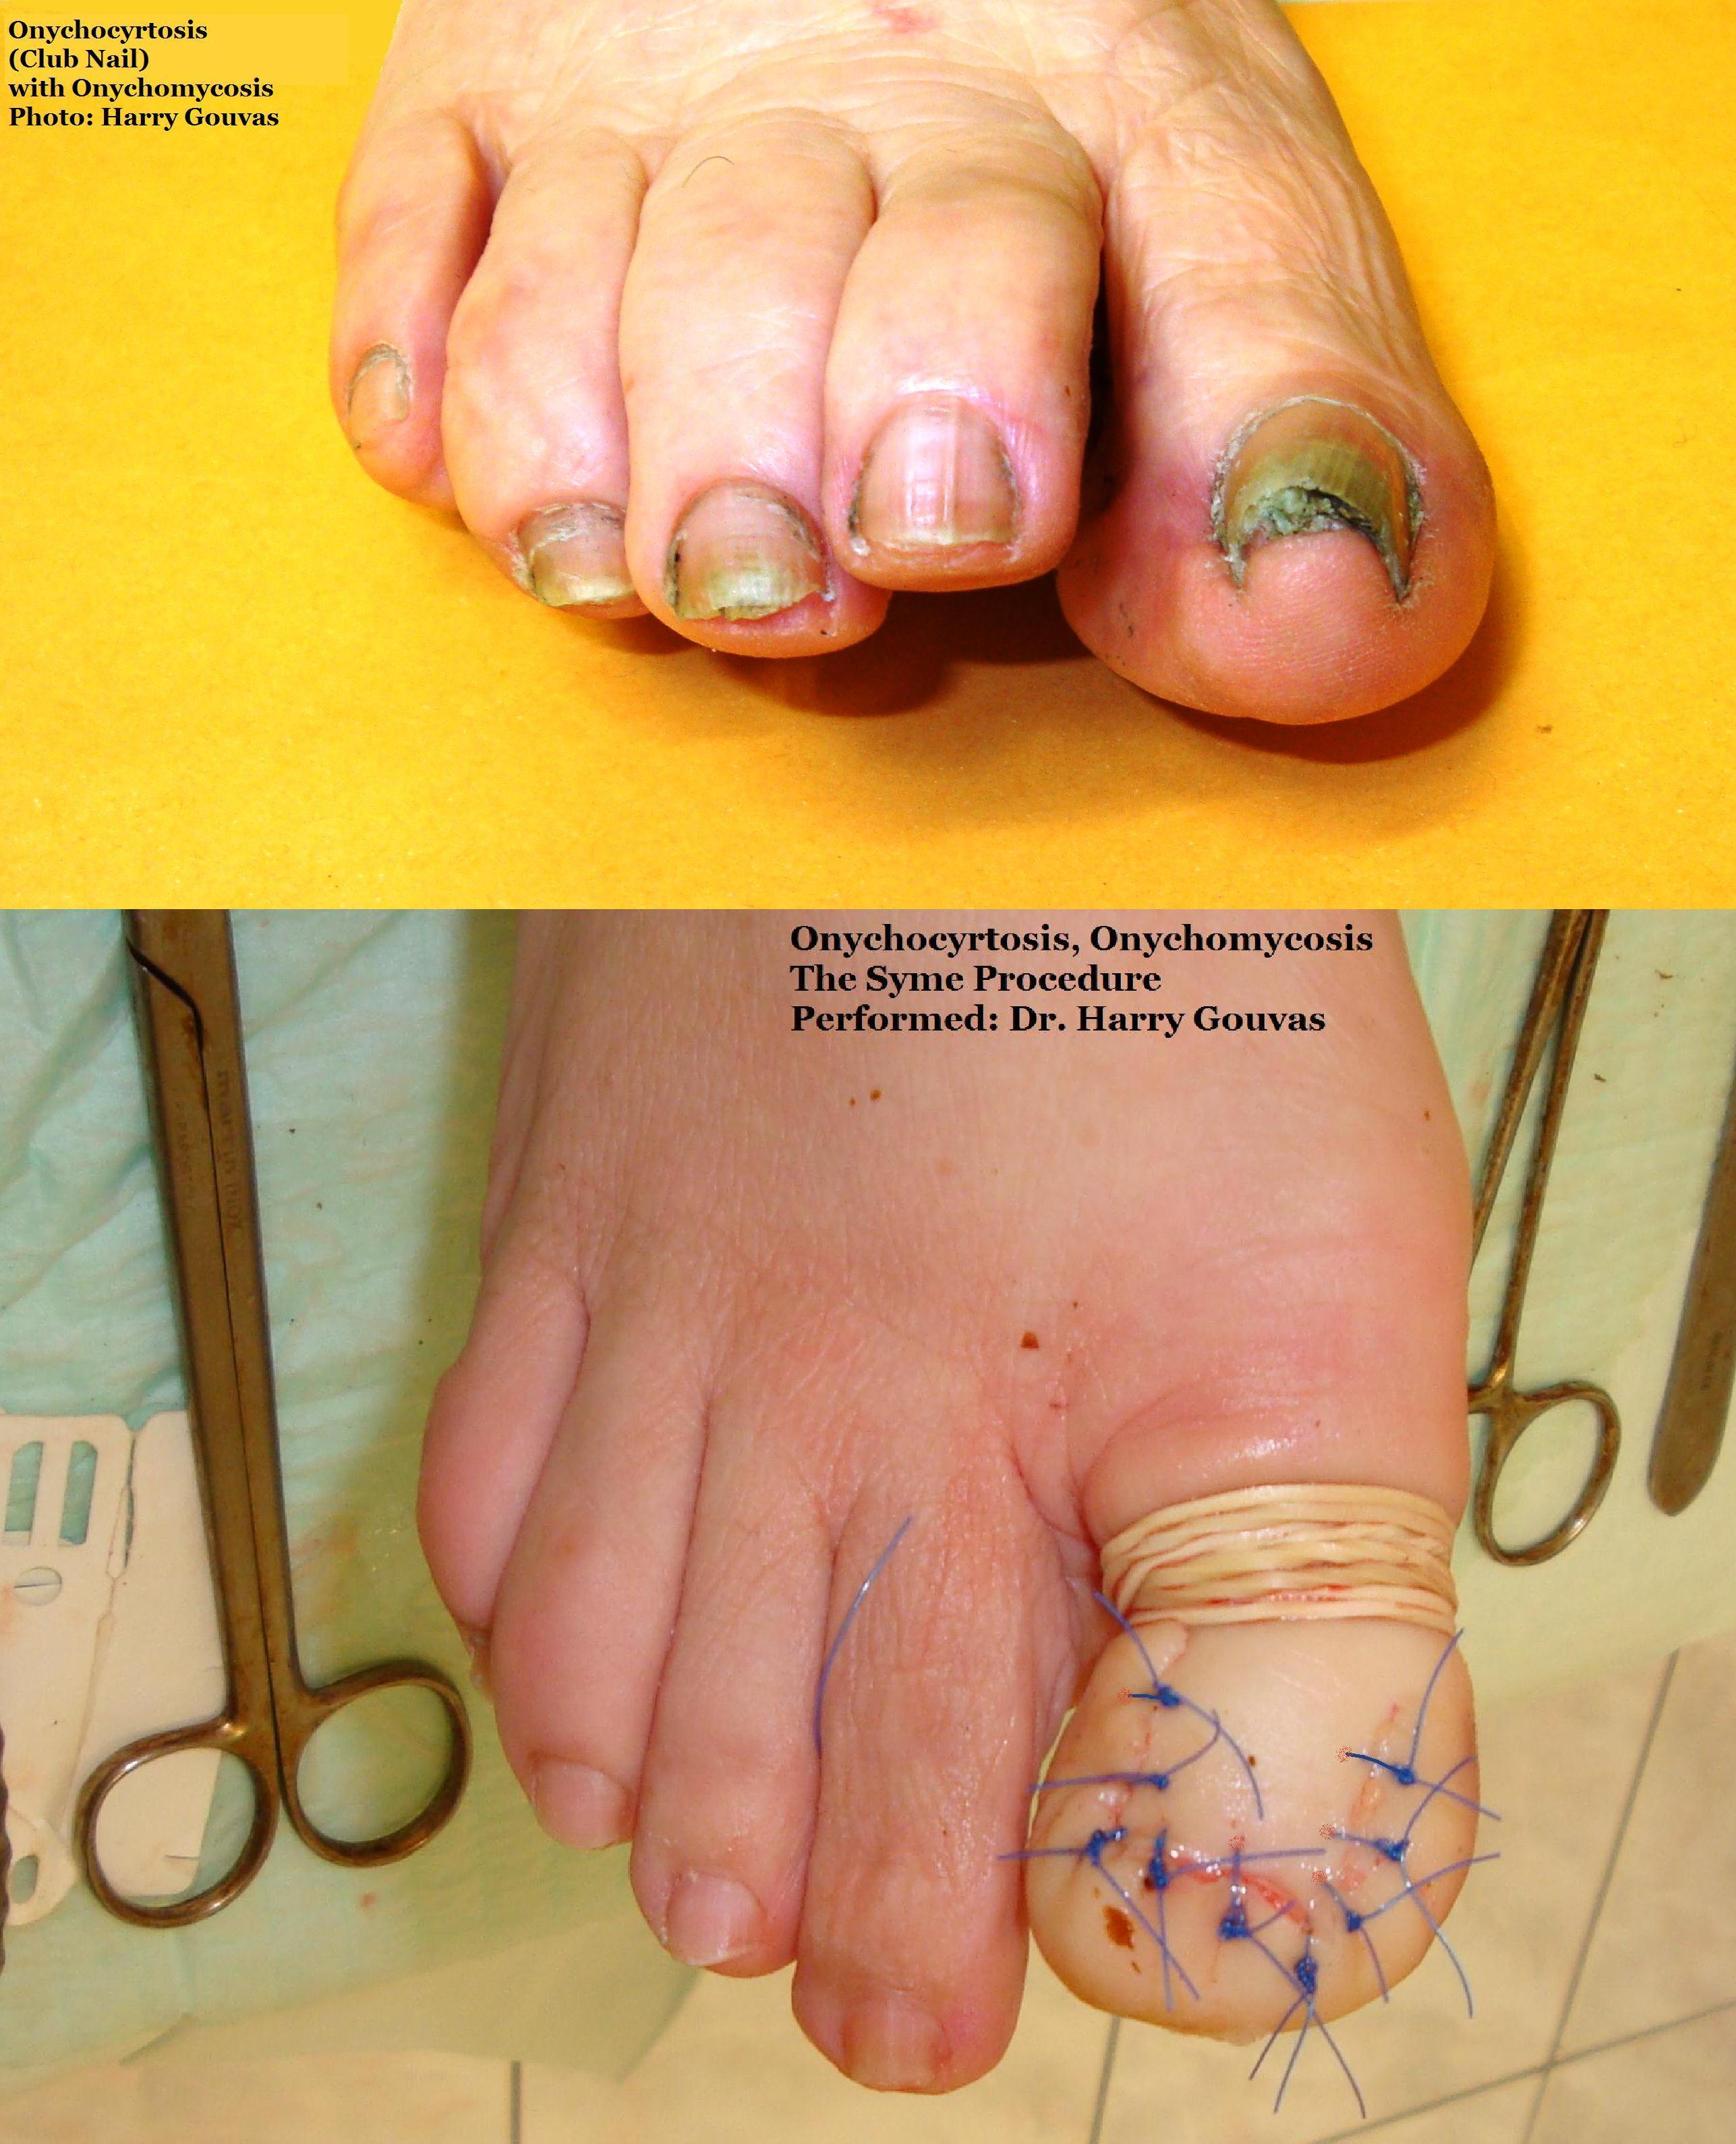 File:Onychocyrtosis (Club Nail).JPG